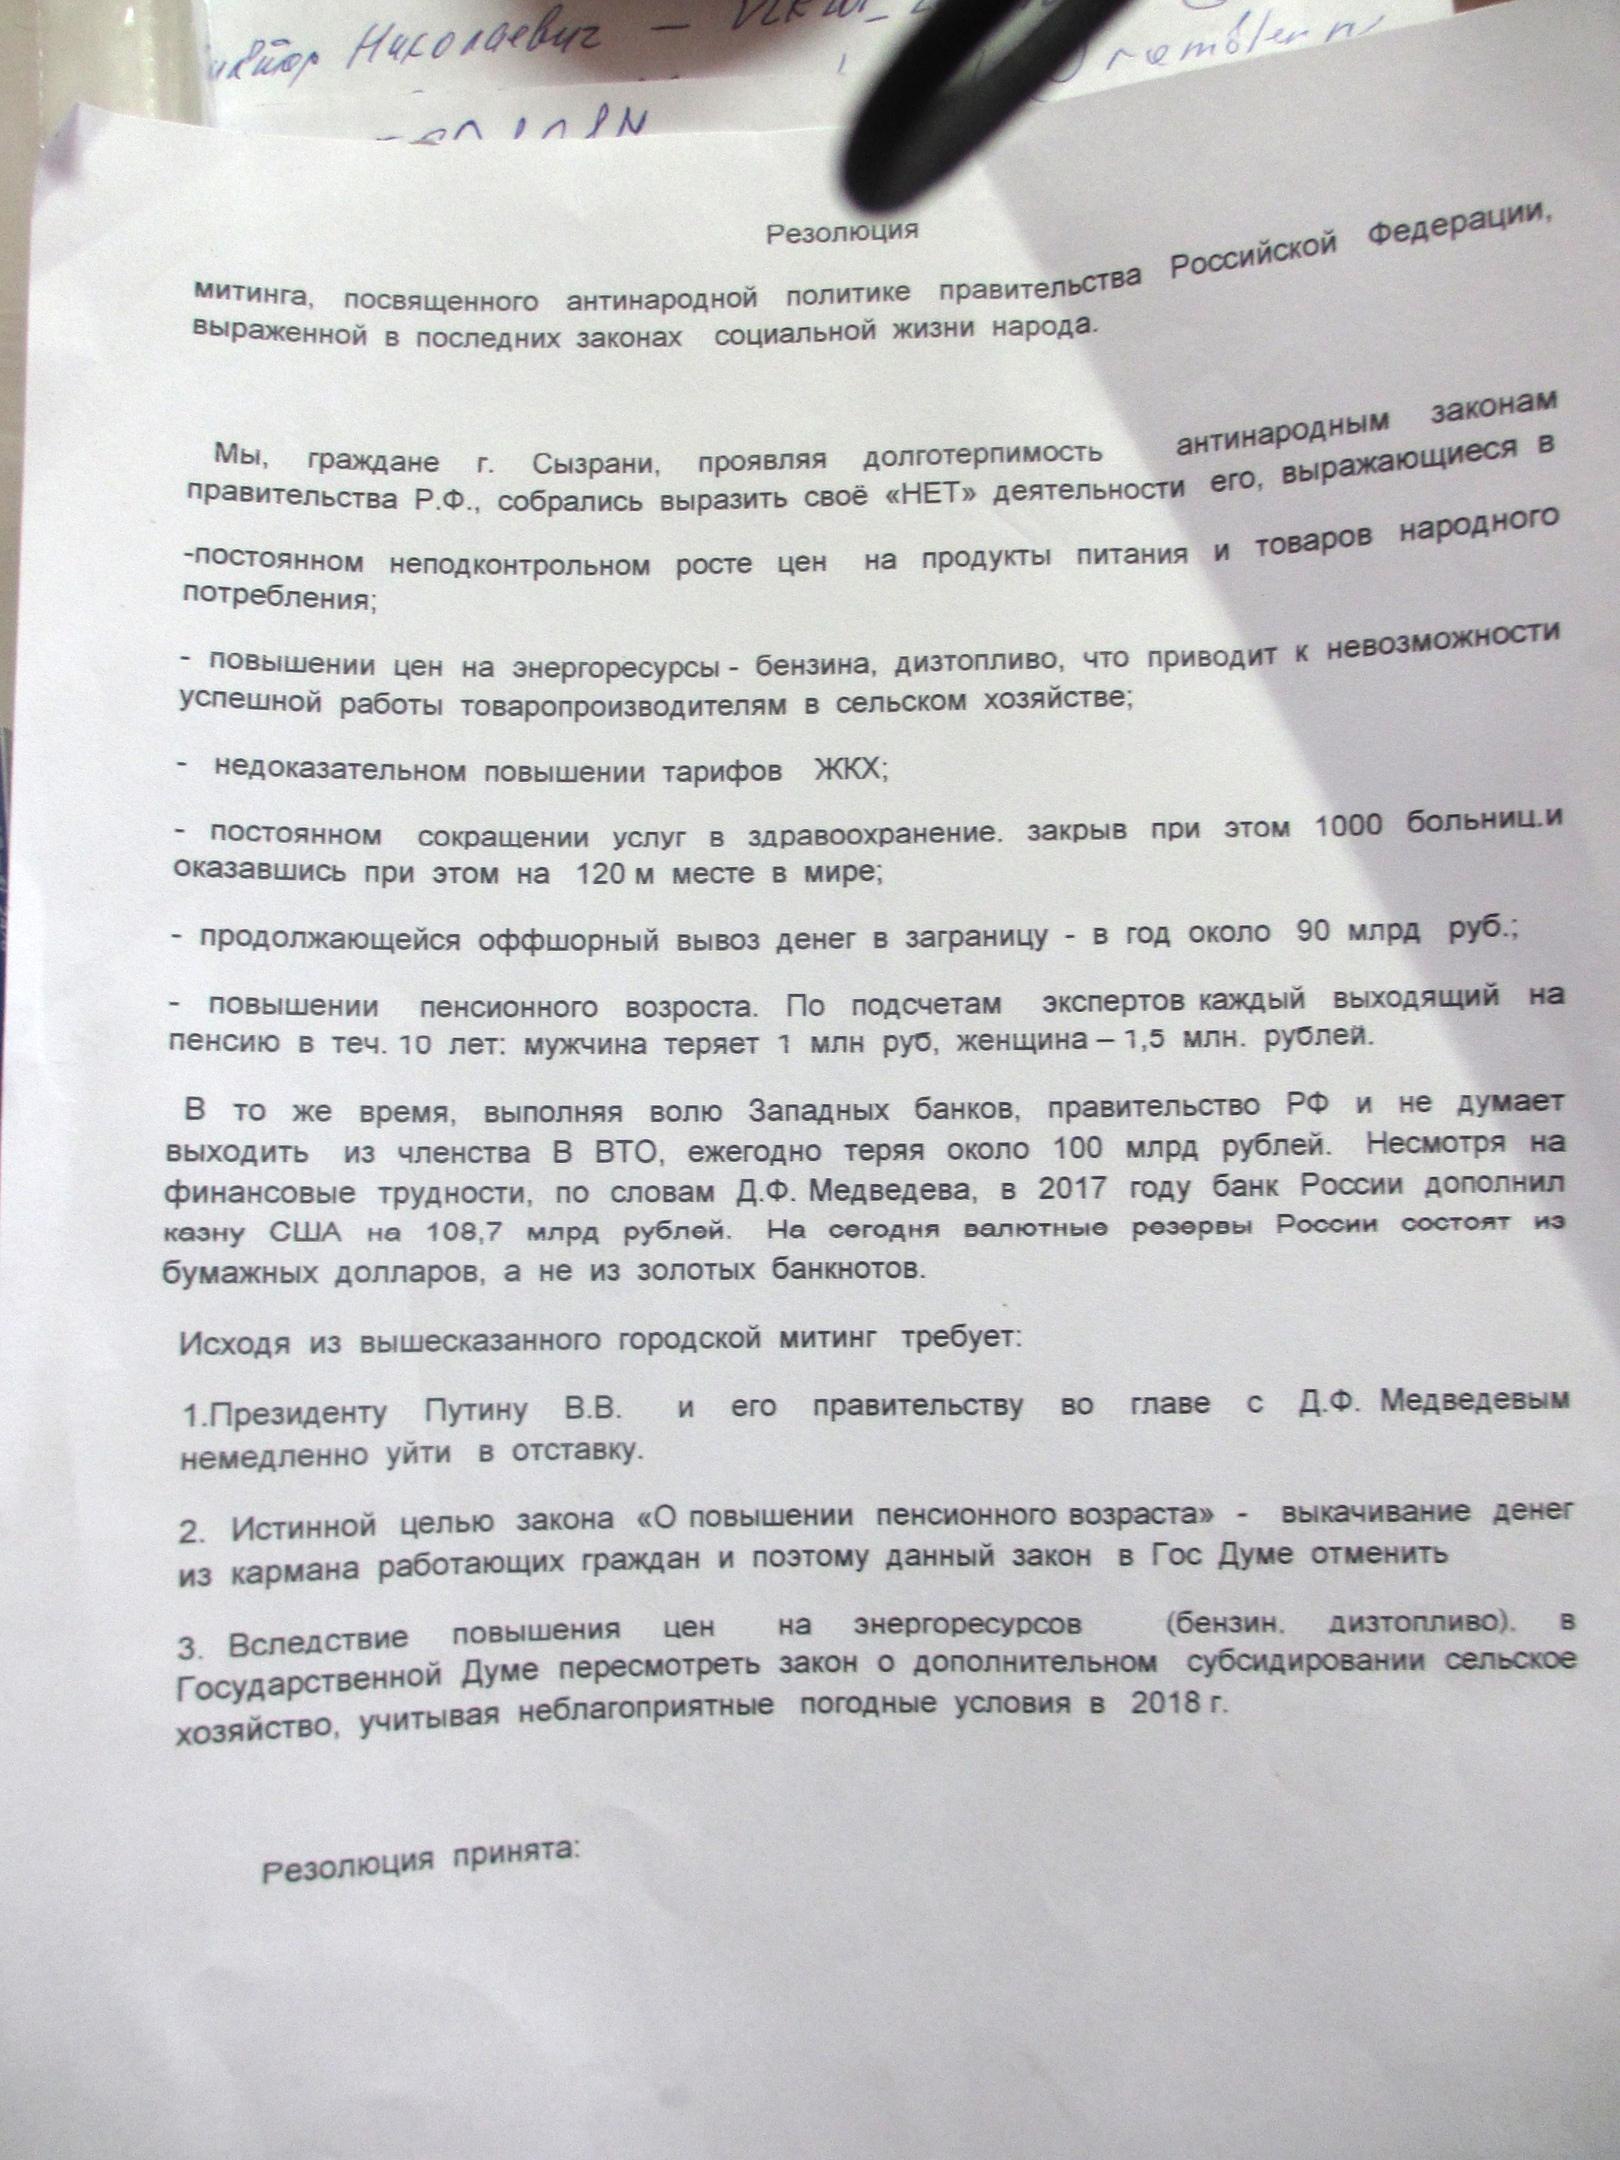 Резолюция митинг Сызрань 2018 КПРФ 1 июля